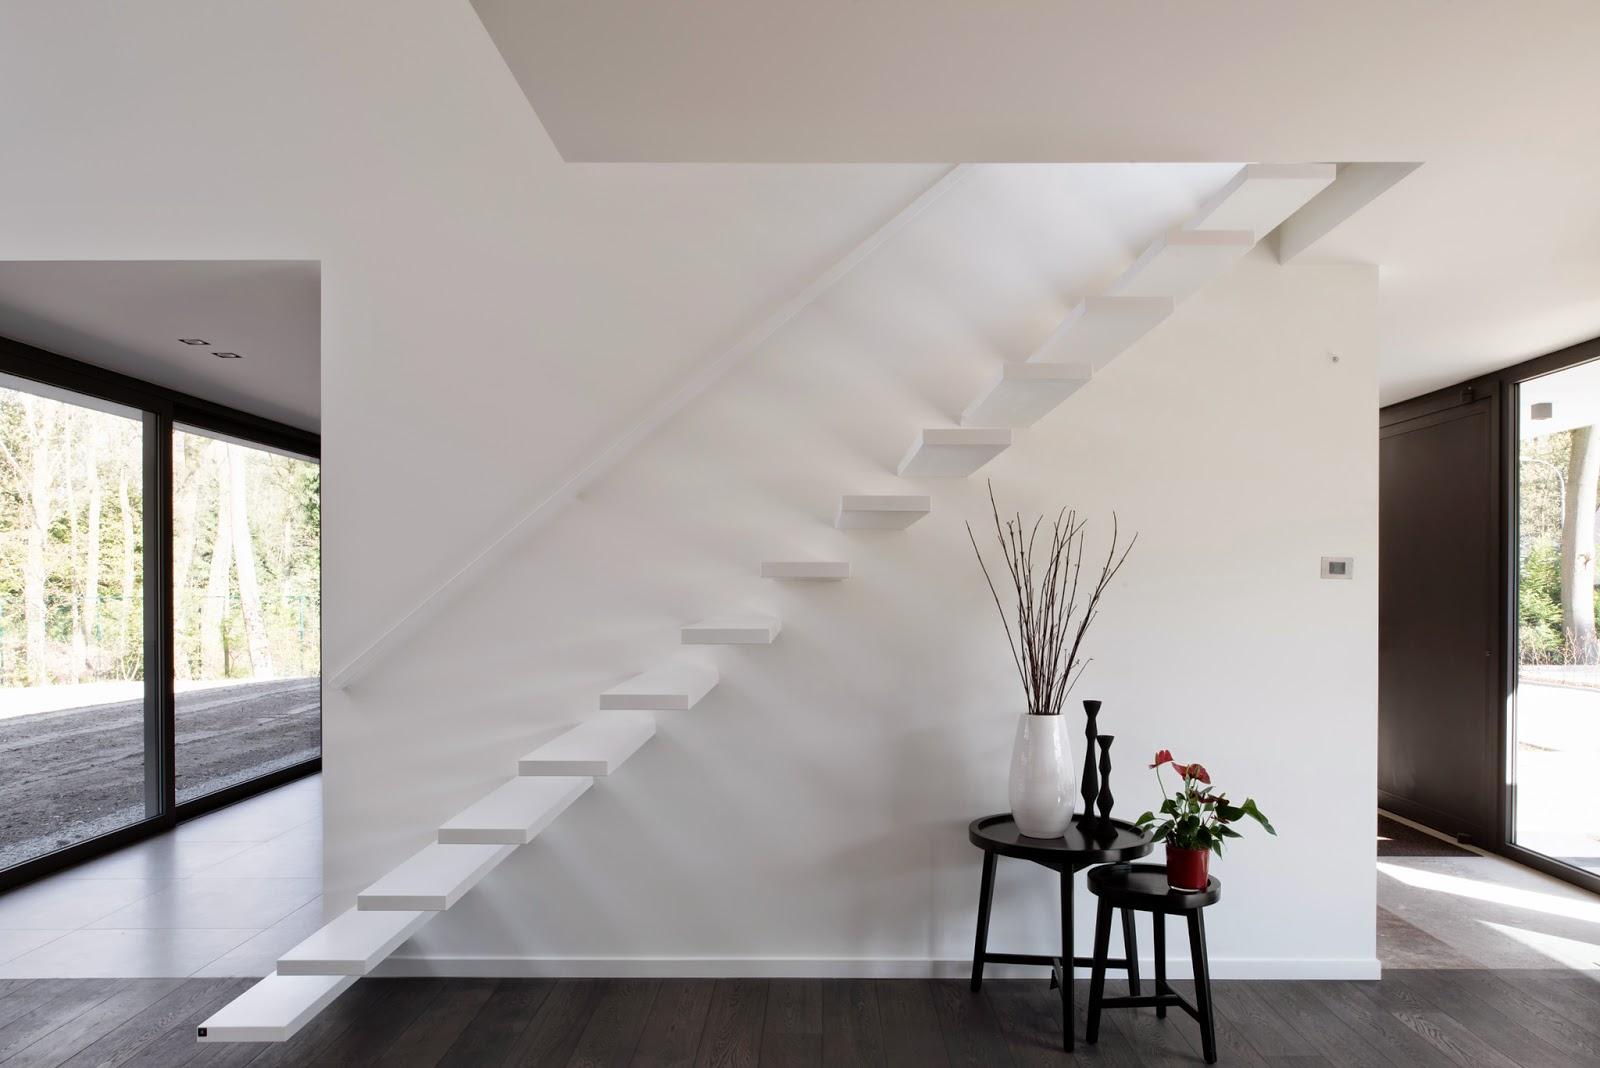 De ultieme design trap corian trap op maat anywaydoors for Trap op maat bestellen